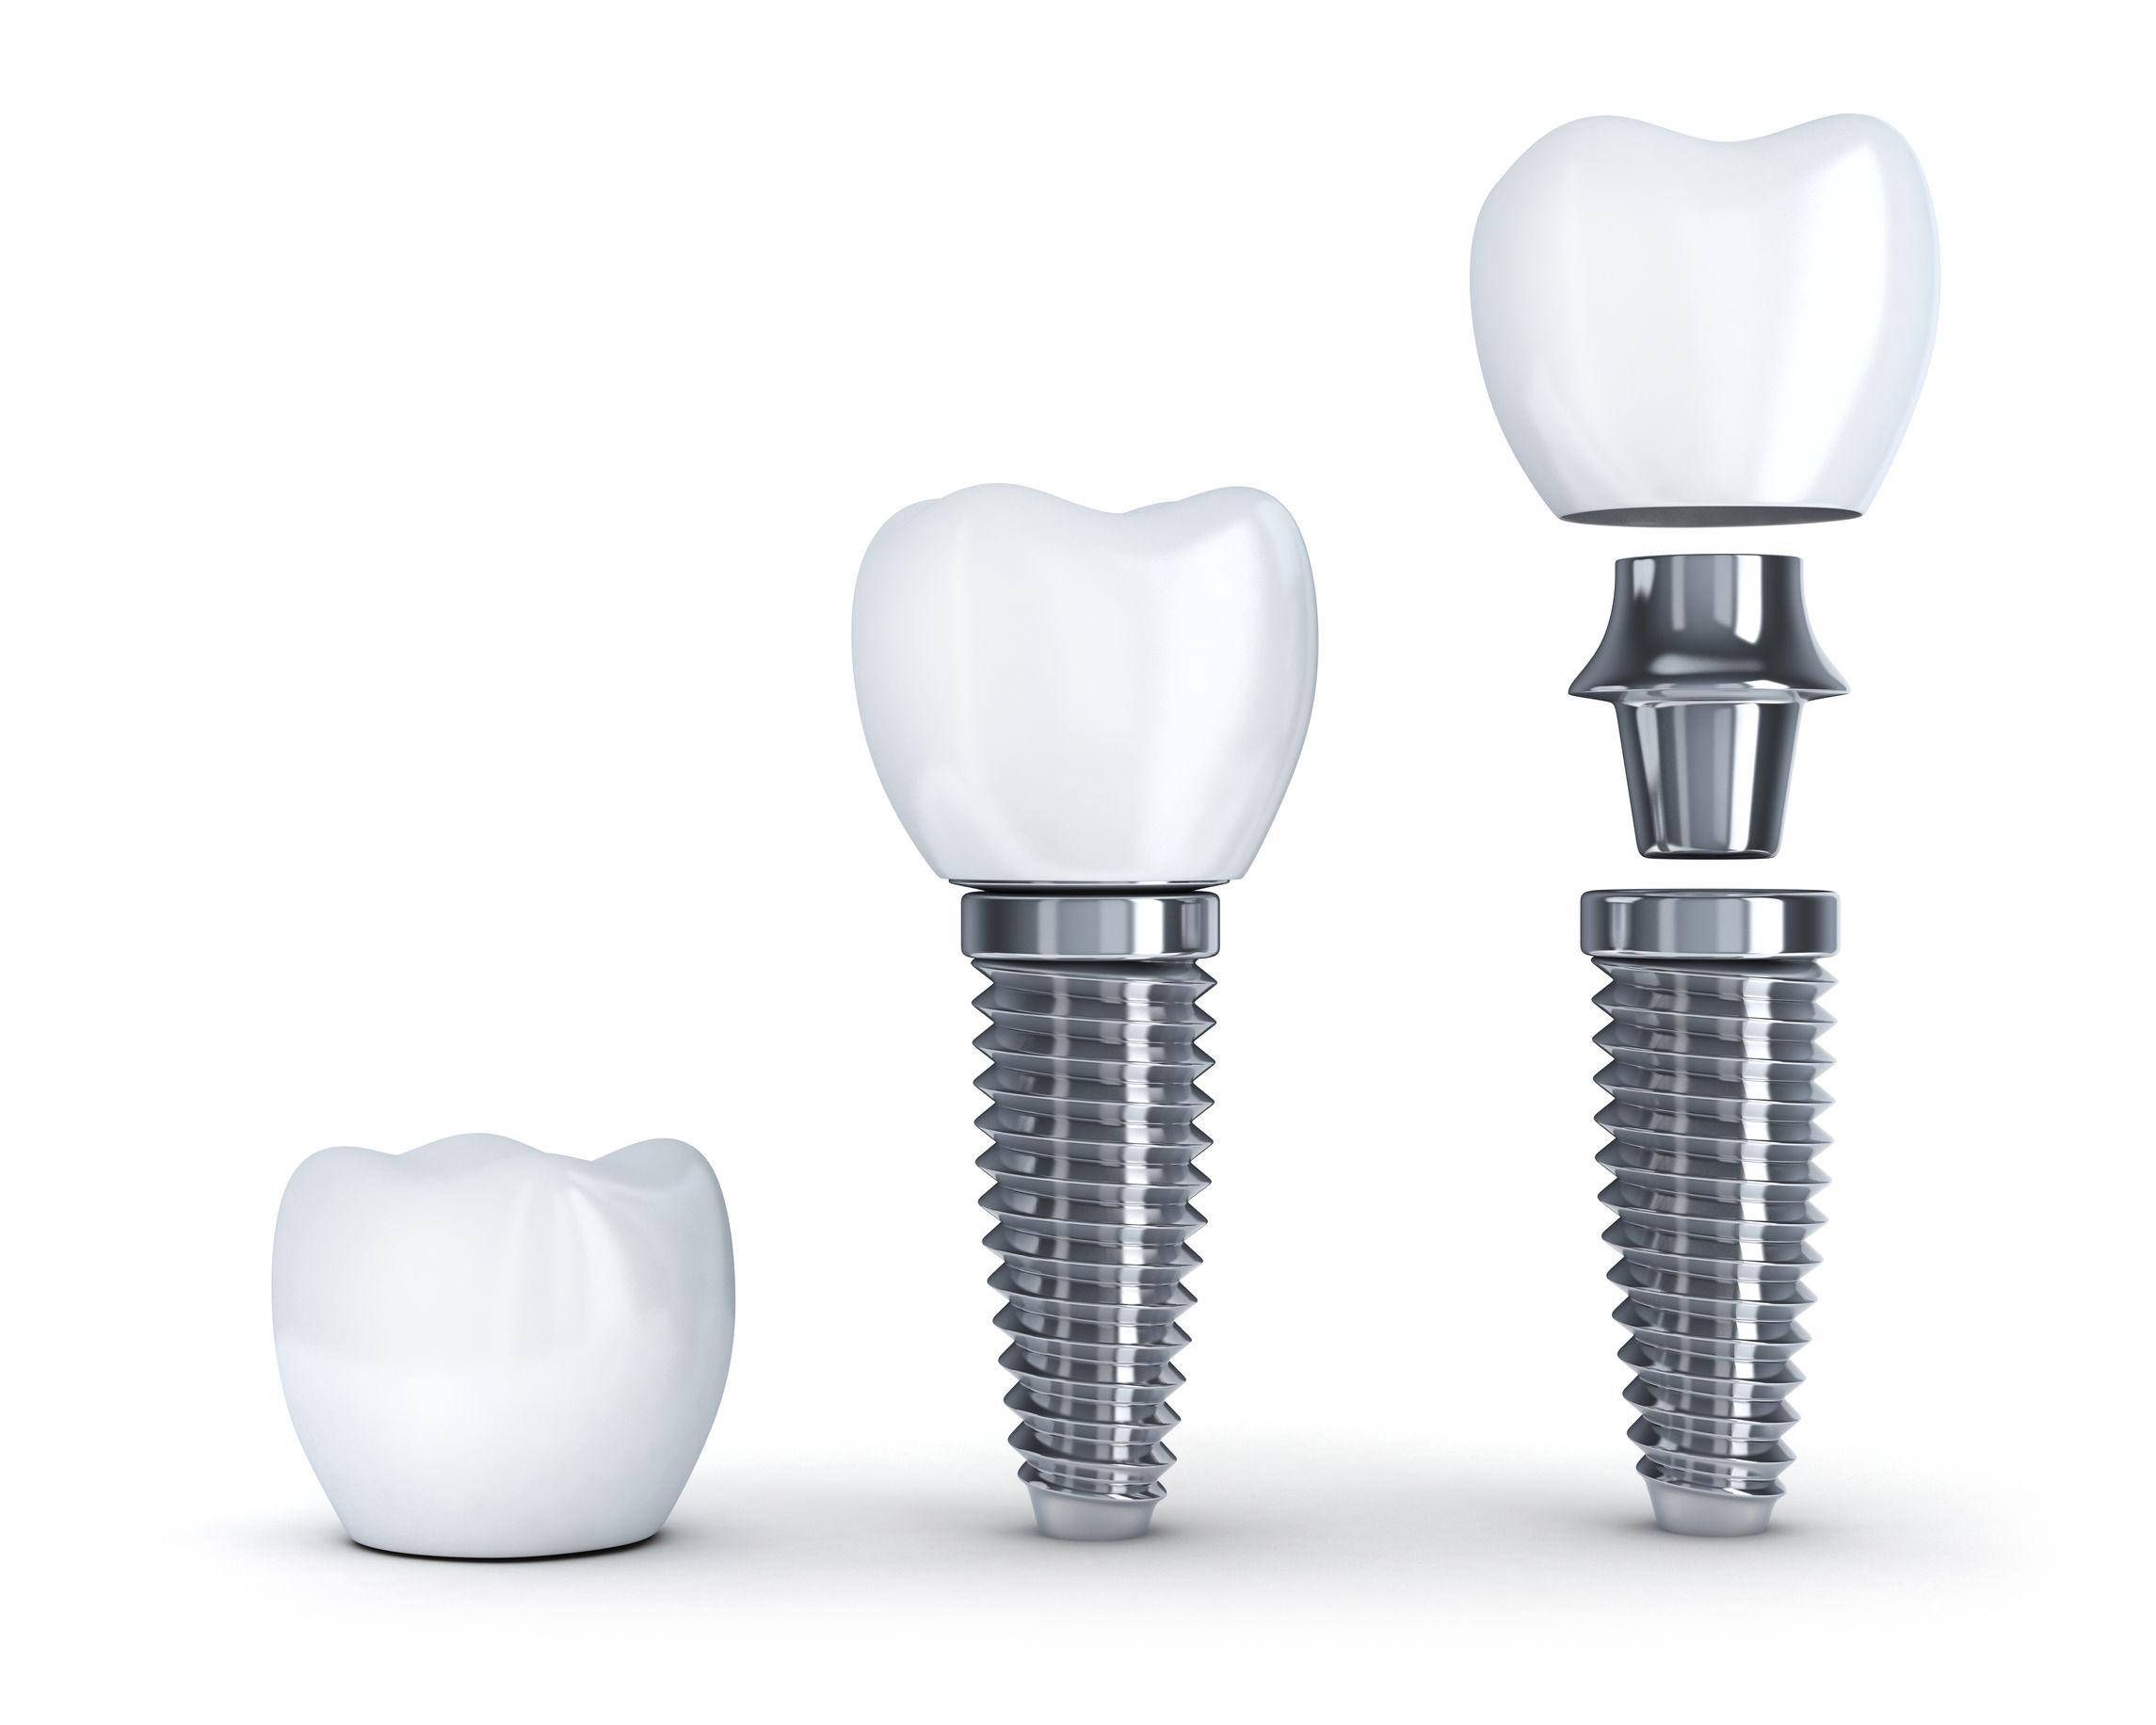 Dental Implants at Eastlake Center for Implants and Restorative Dentistry